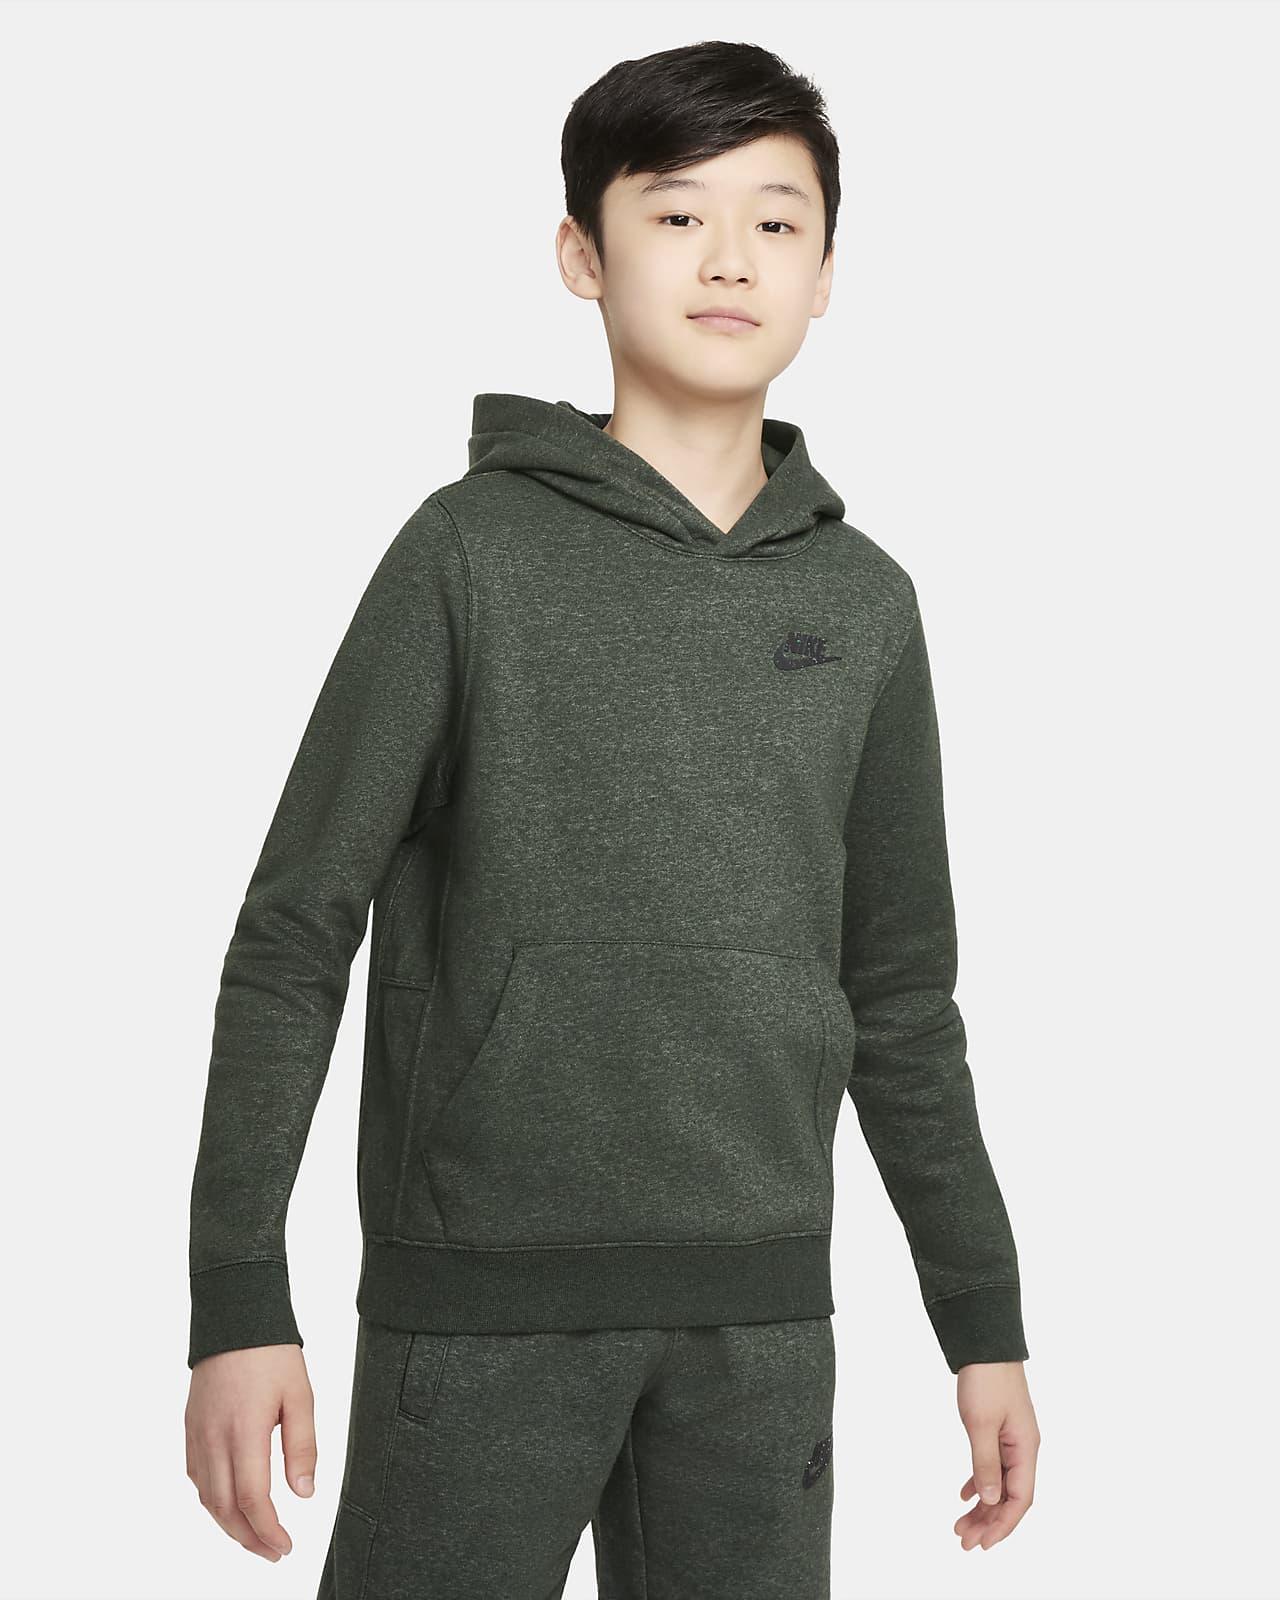 Felpa pullover con cappuccio Nike Sportswear Zero - Ragazzi